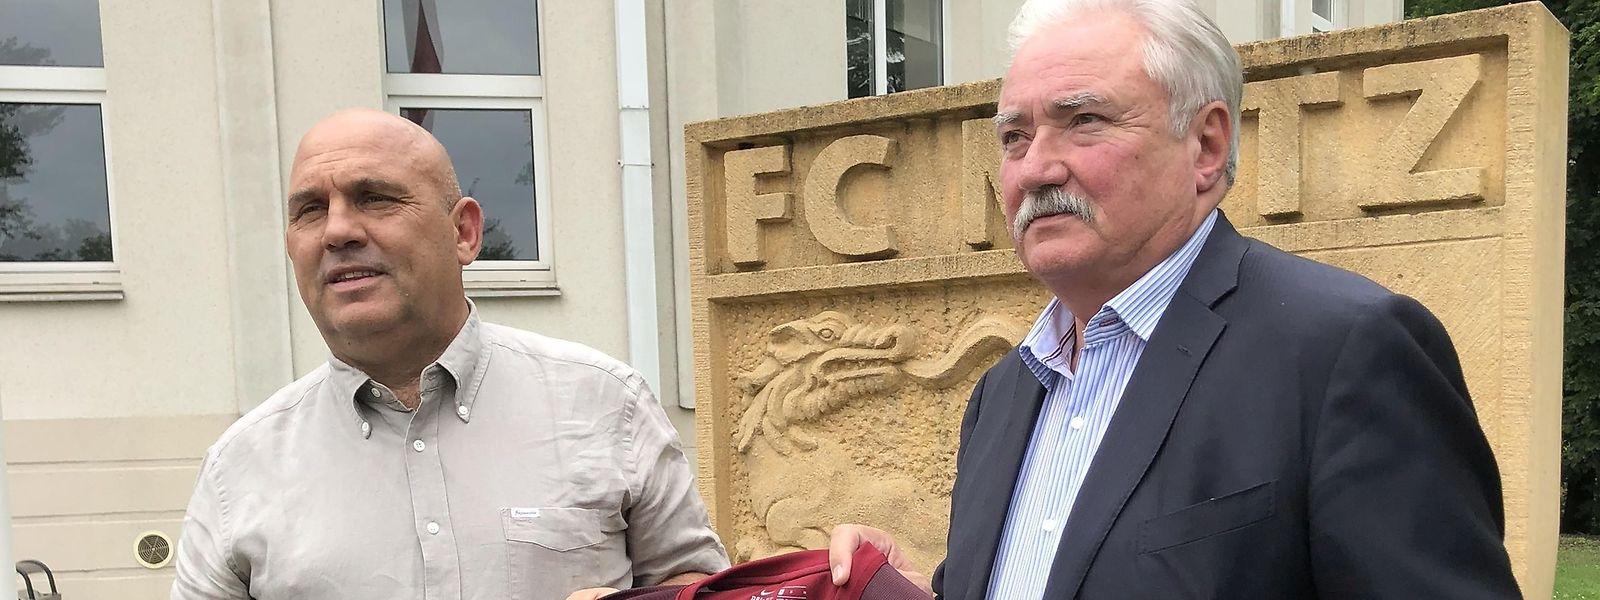 Frédéric Antonetti en compagnie du président Bernard Serin. La révolution est en marche chez les Grenats.